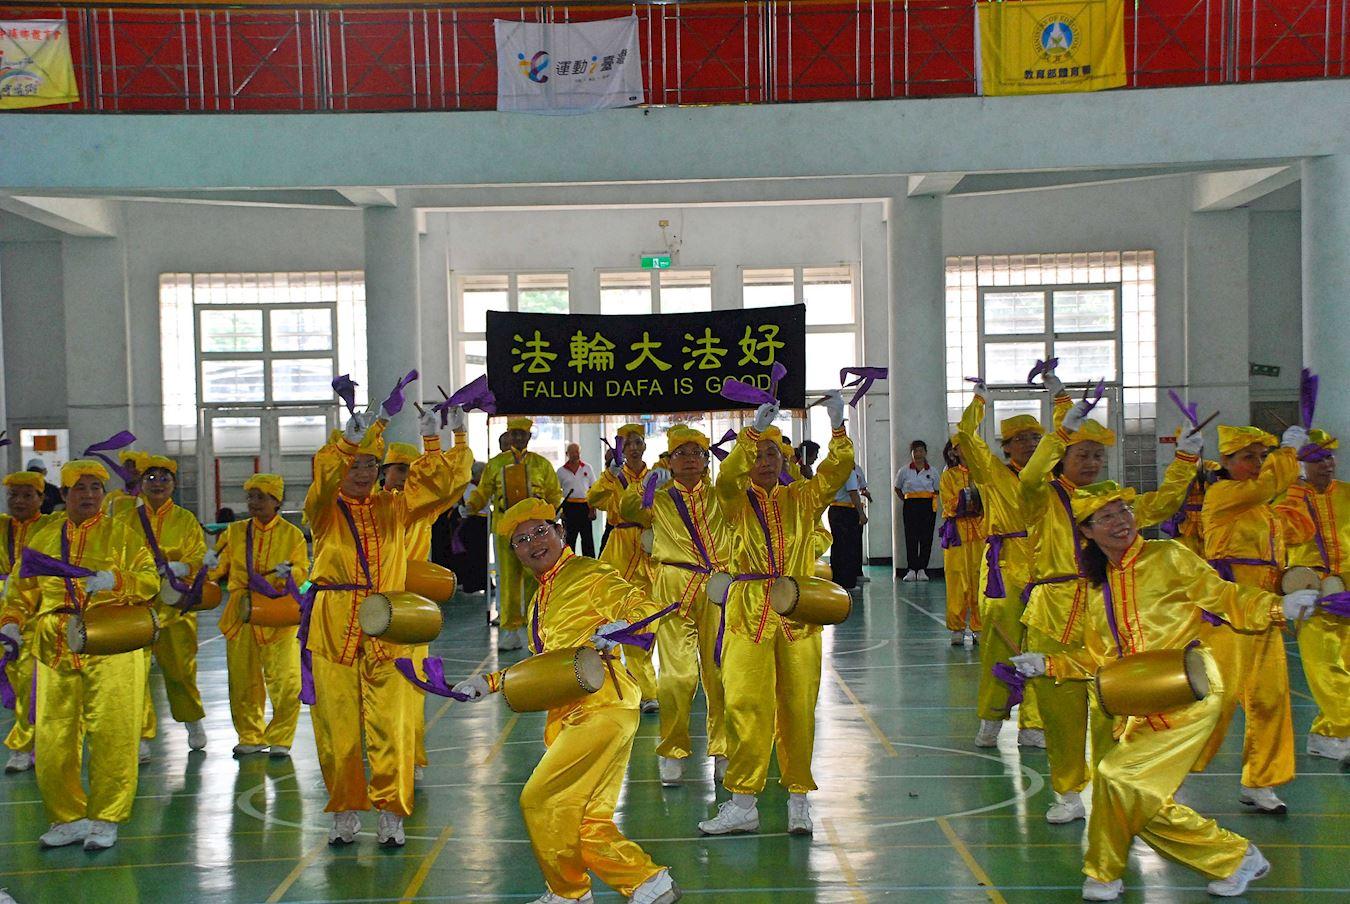 2017年8月13日,台灣部分法輪功學員受邀參加教育部體育署委由嘉義縣中埔鄉體育會舉辦的「武術嘉年華」活動。活動中,法輪功學員演示了五套功法和表演腰鼓。(明慧網)